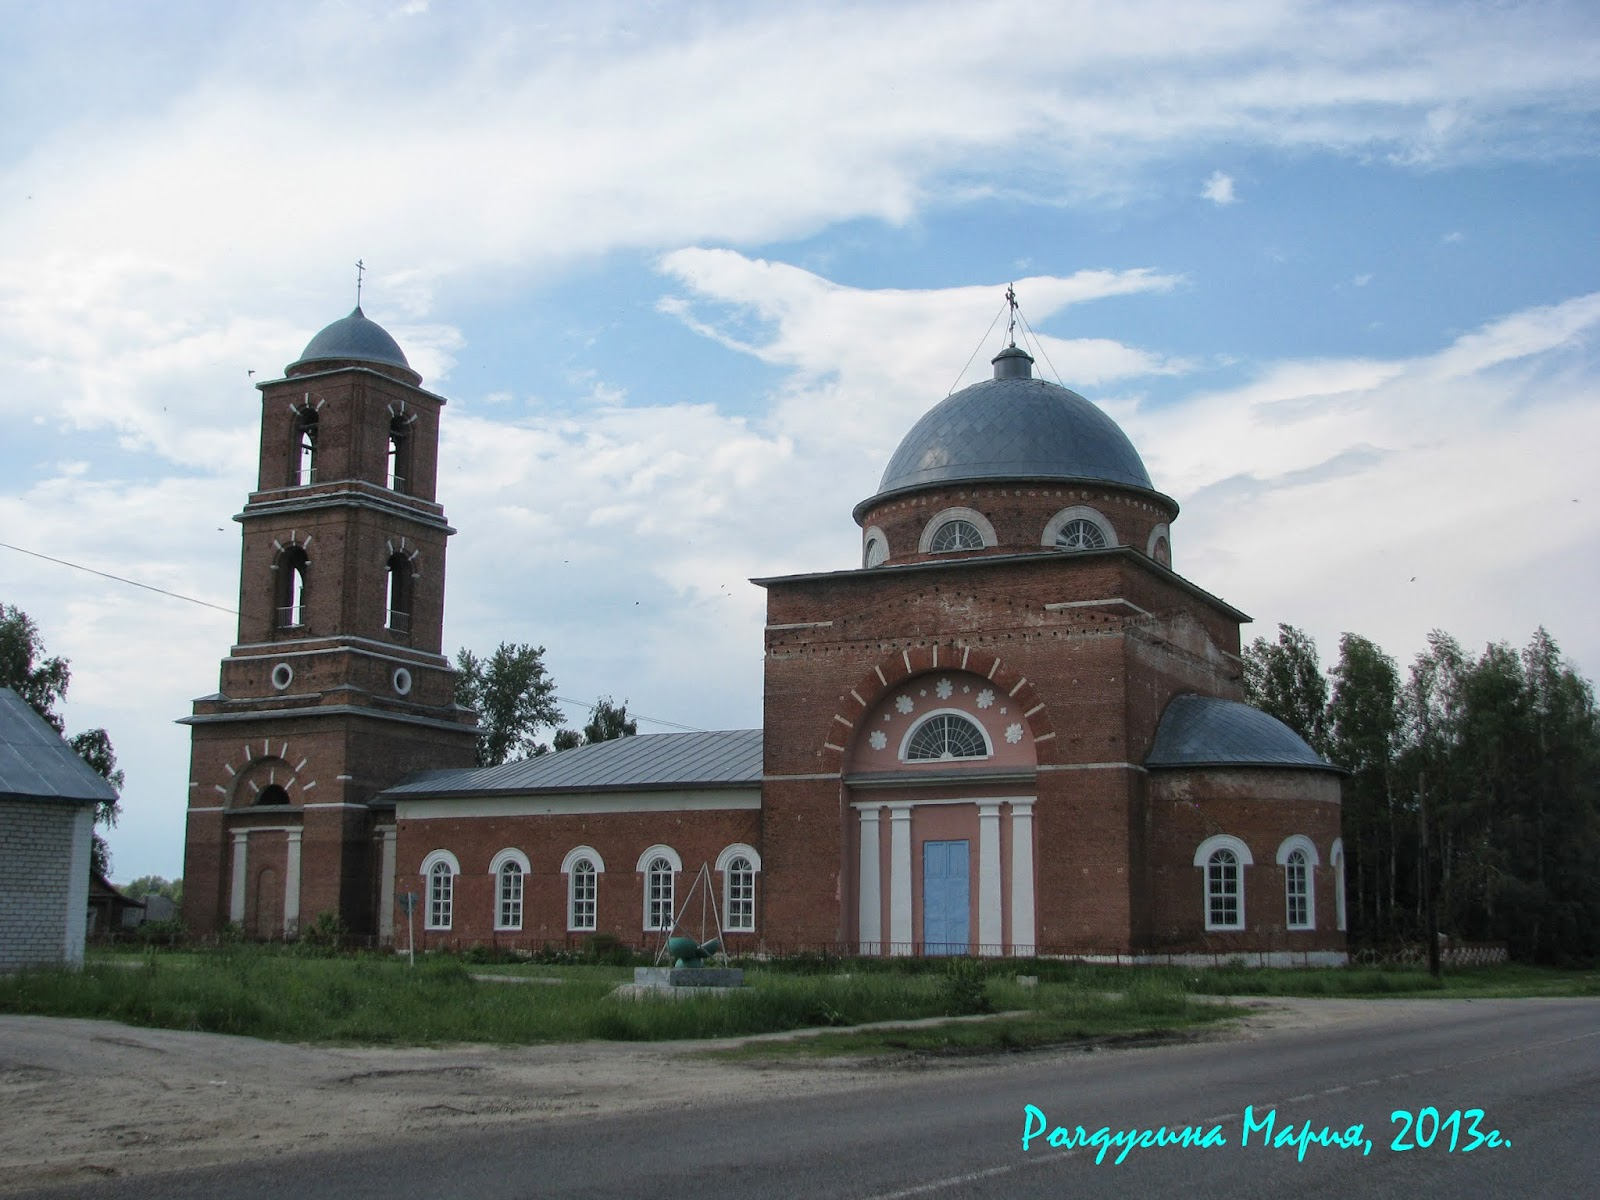 с.Инякино, Шиловский район, Рязанская область